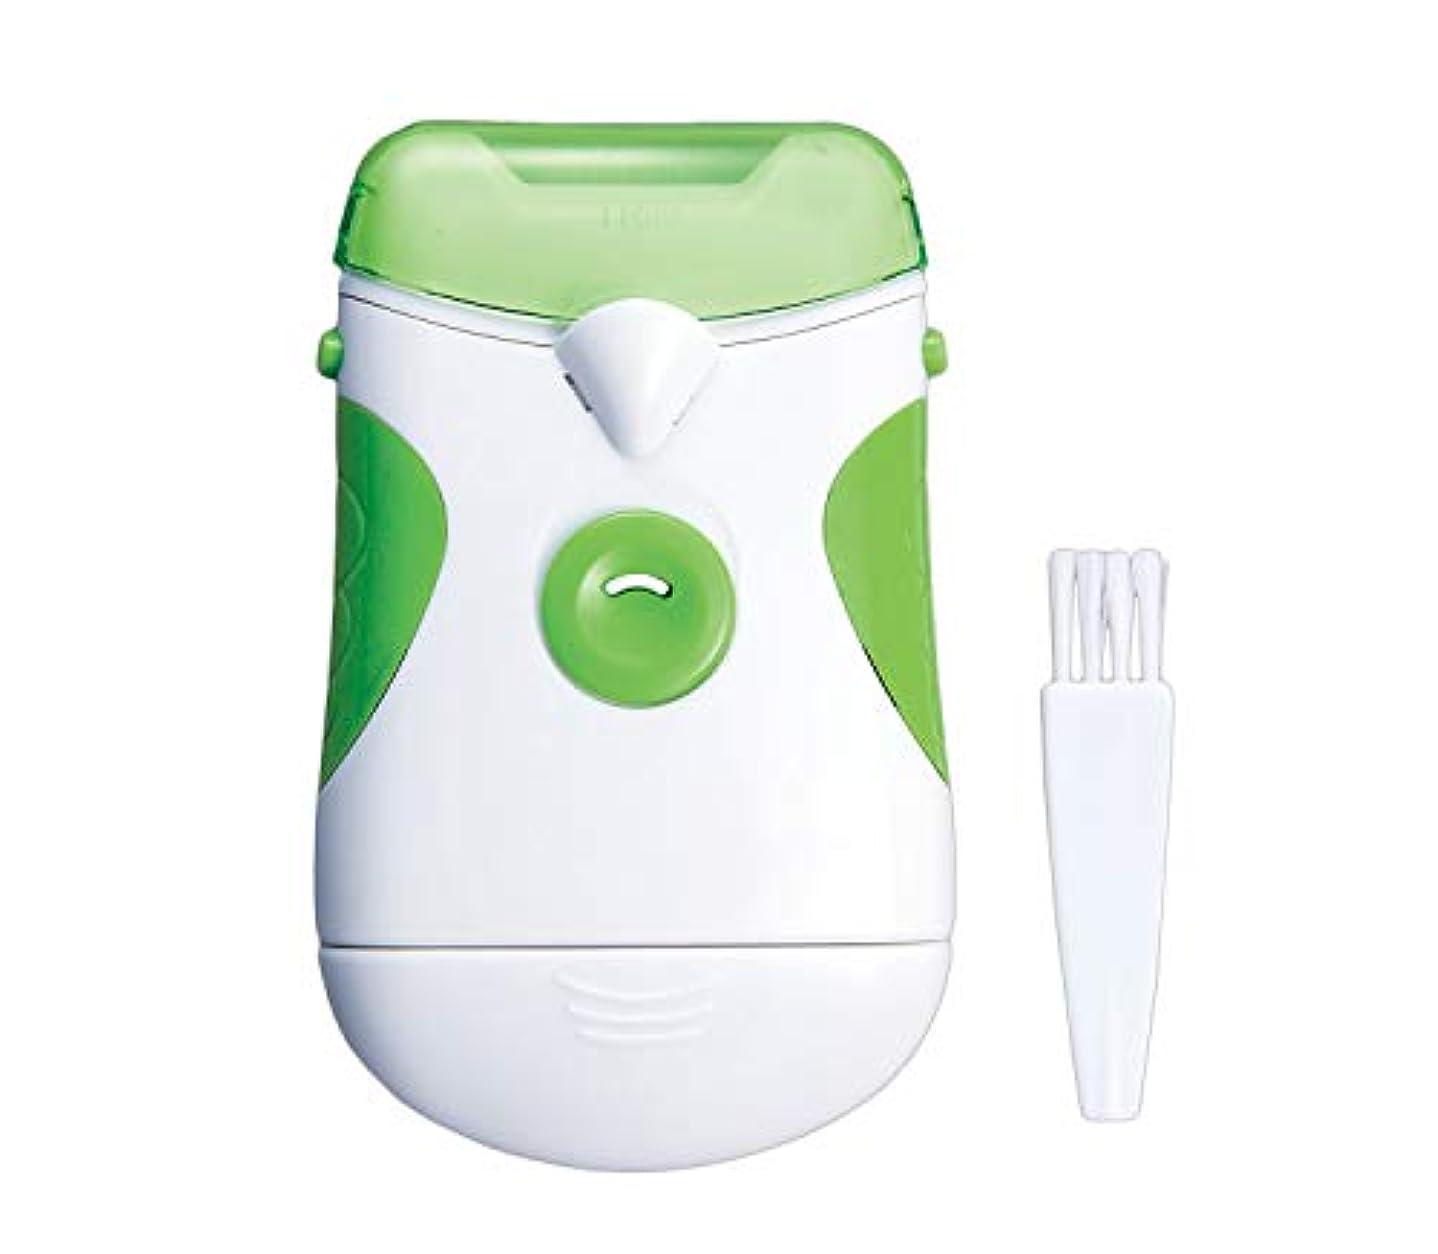 ホールド自宅で広がり電動爪やすり(ライト付) つめやすり 電池式 コードレス 足の爪 老眼 ネイルケア 水洗い可 単三乾電池